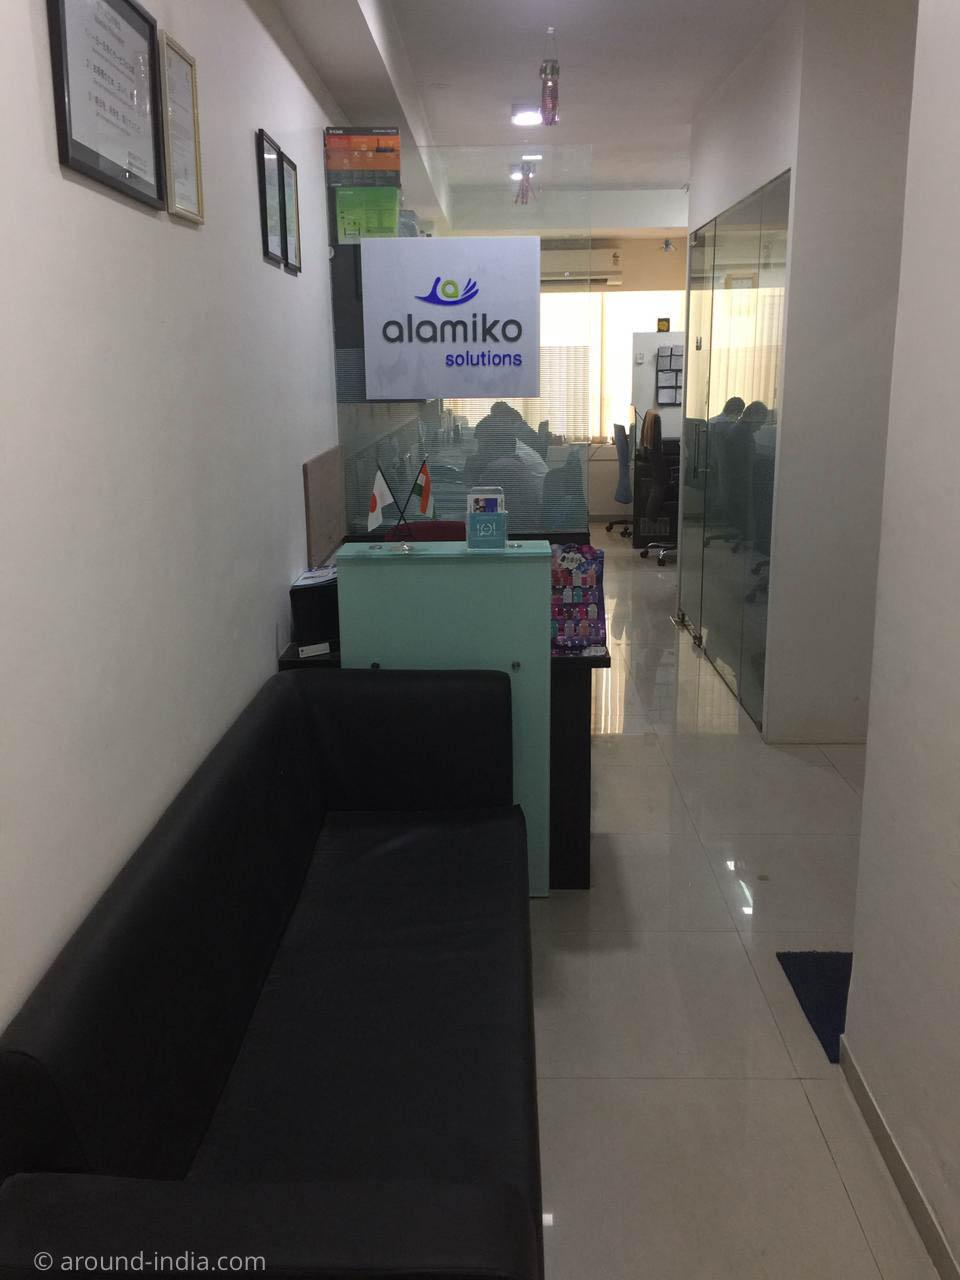 インドで働く alamikoのオフィス